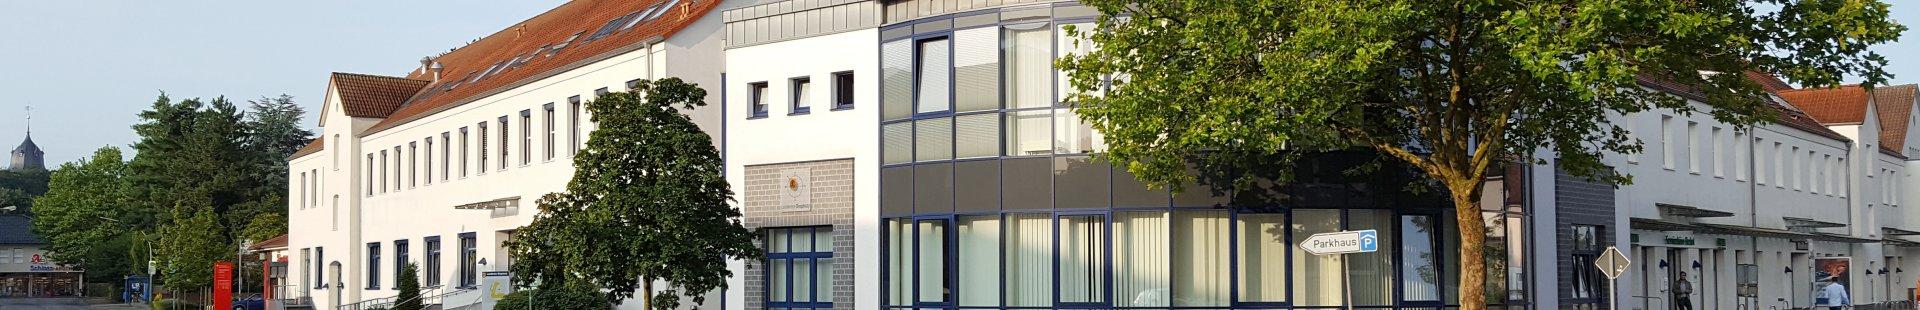 BürgerService des Landkreises in Diepholz (Gebäude Alte Post in der Prinzhornstr. / Ecke Wellestr.)